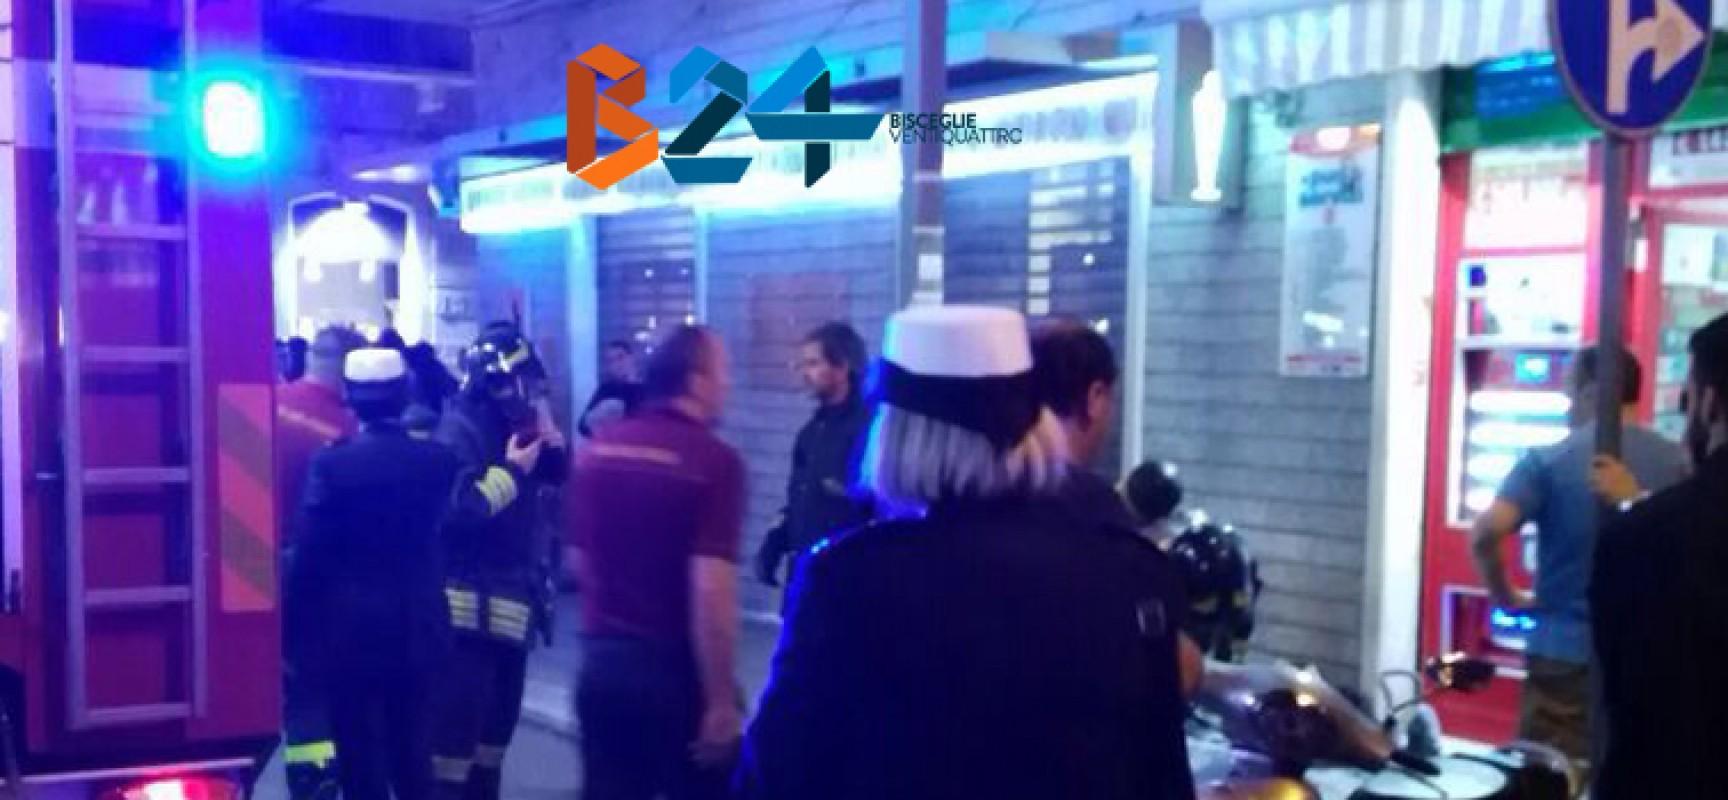 Incendio in una tabaccheria in centro, probabilmente galeotto un mozzicone di sigaretta